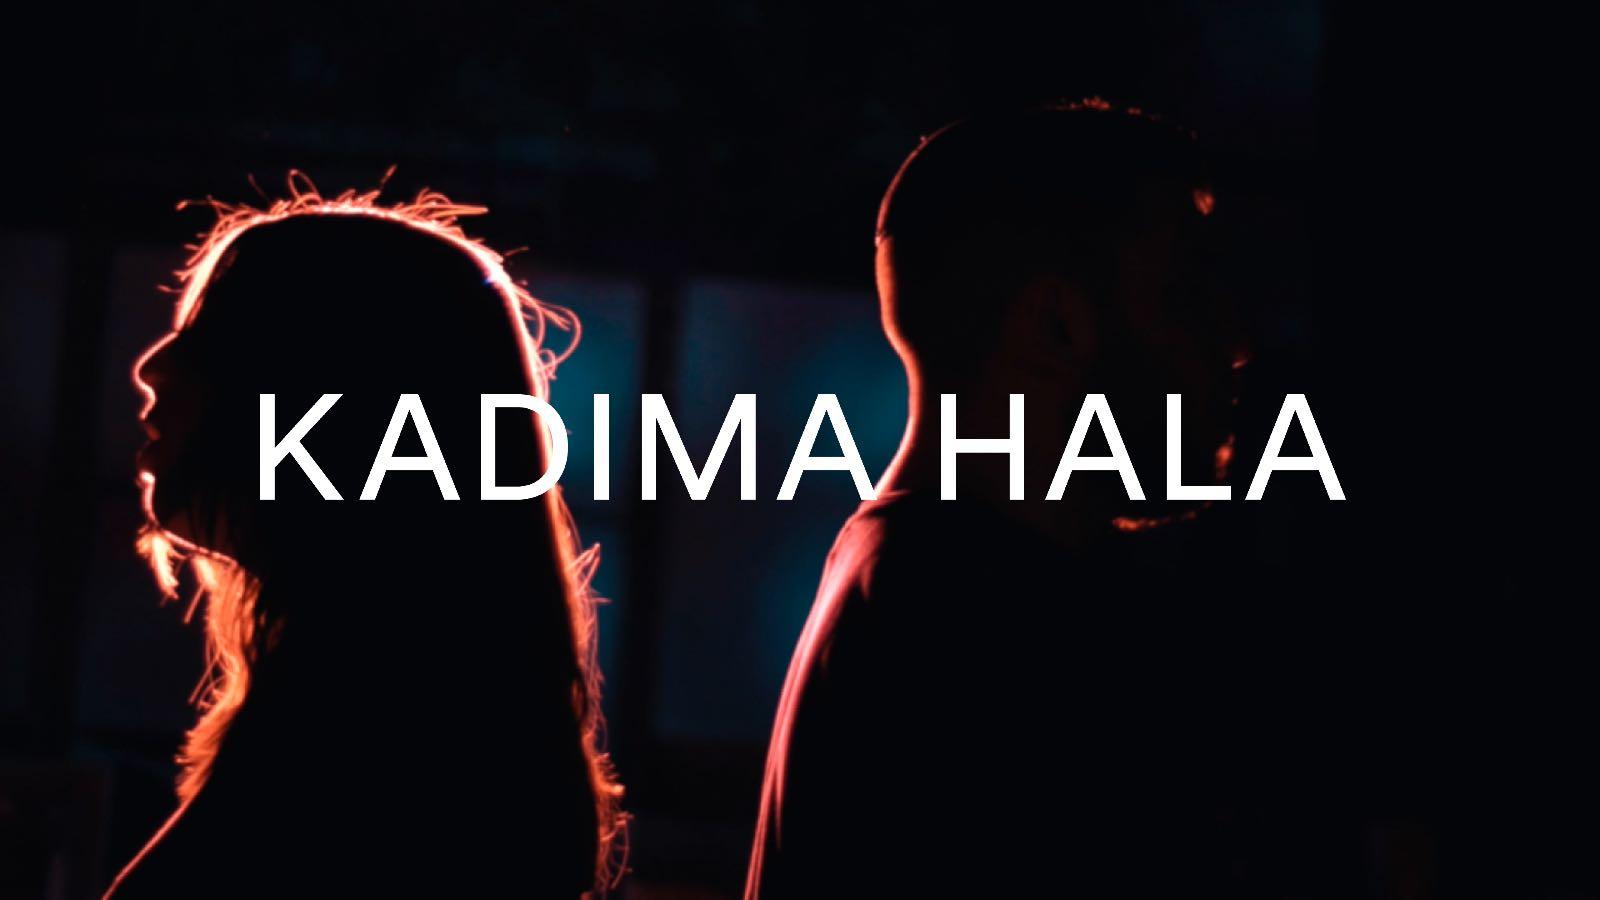 Kadima Hala